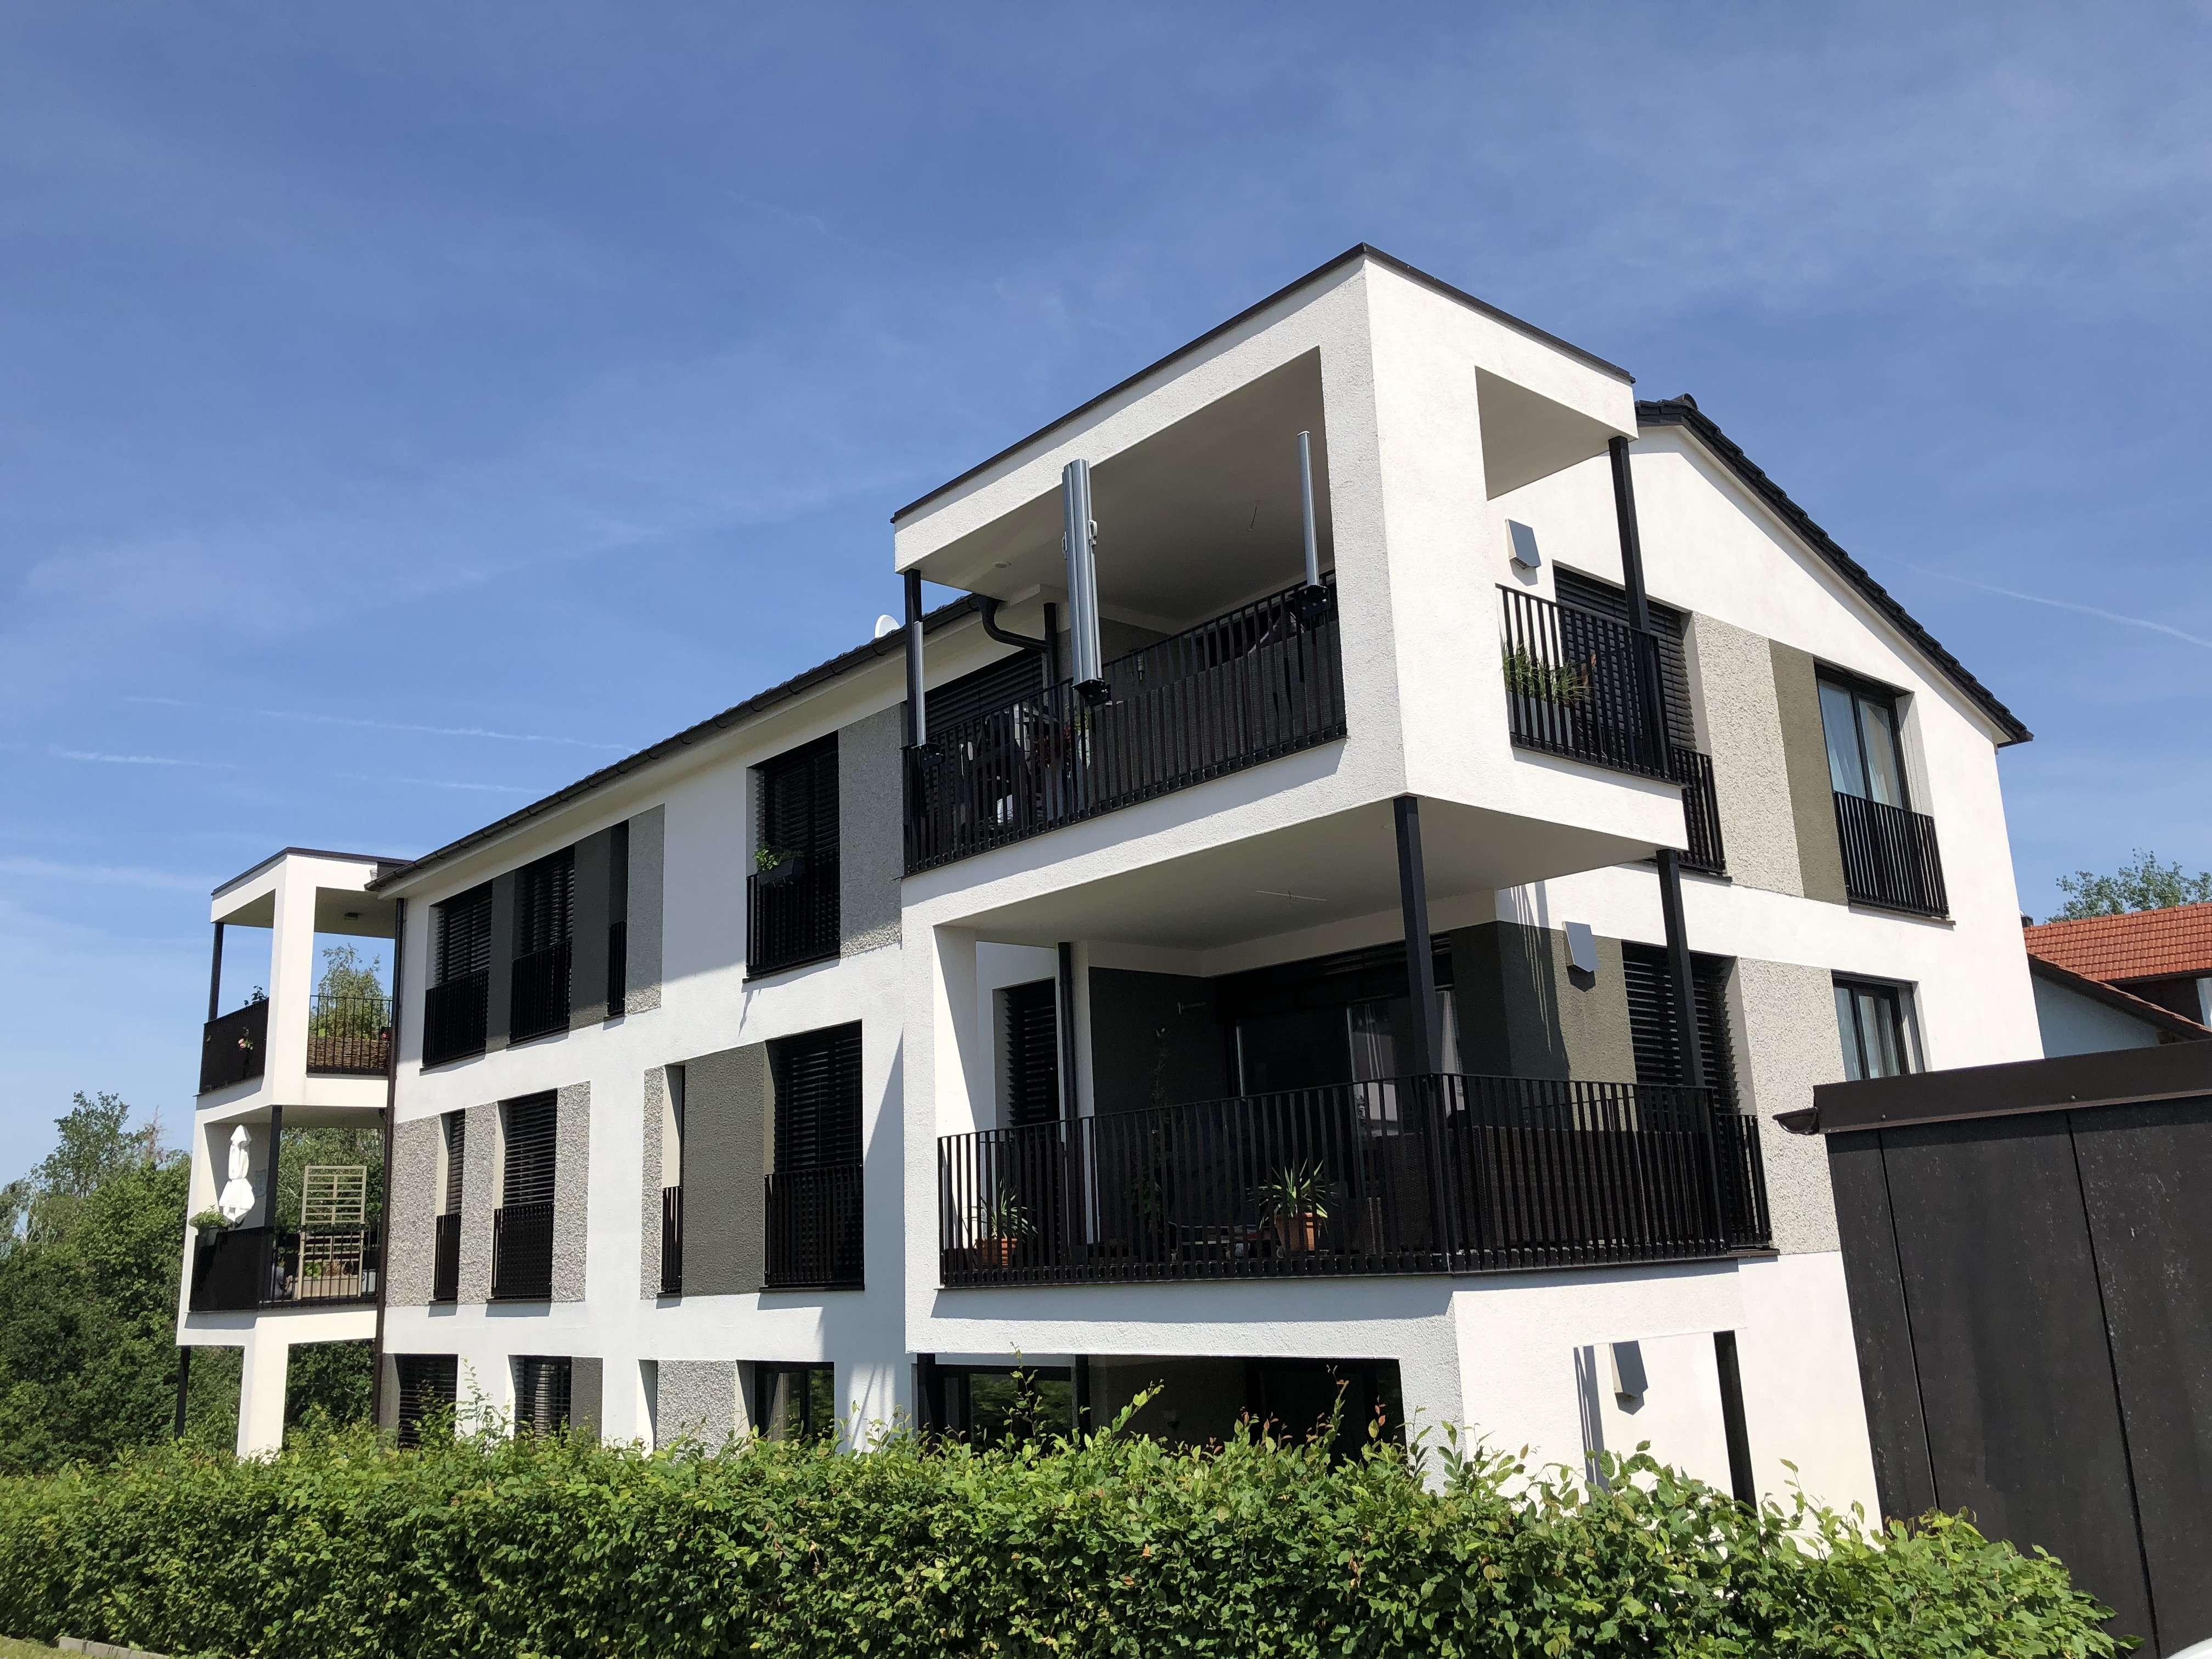 Neuwertige 3-Zimmer-Wohnung mit Balkon und EBK in Passau - Hacklberg in Hacklberg (Passau)